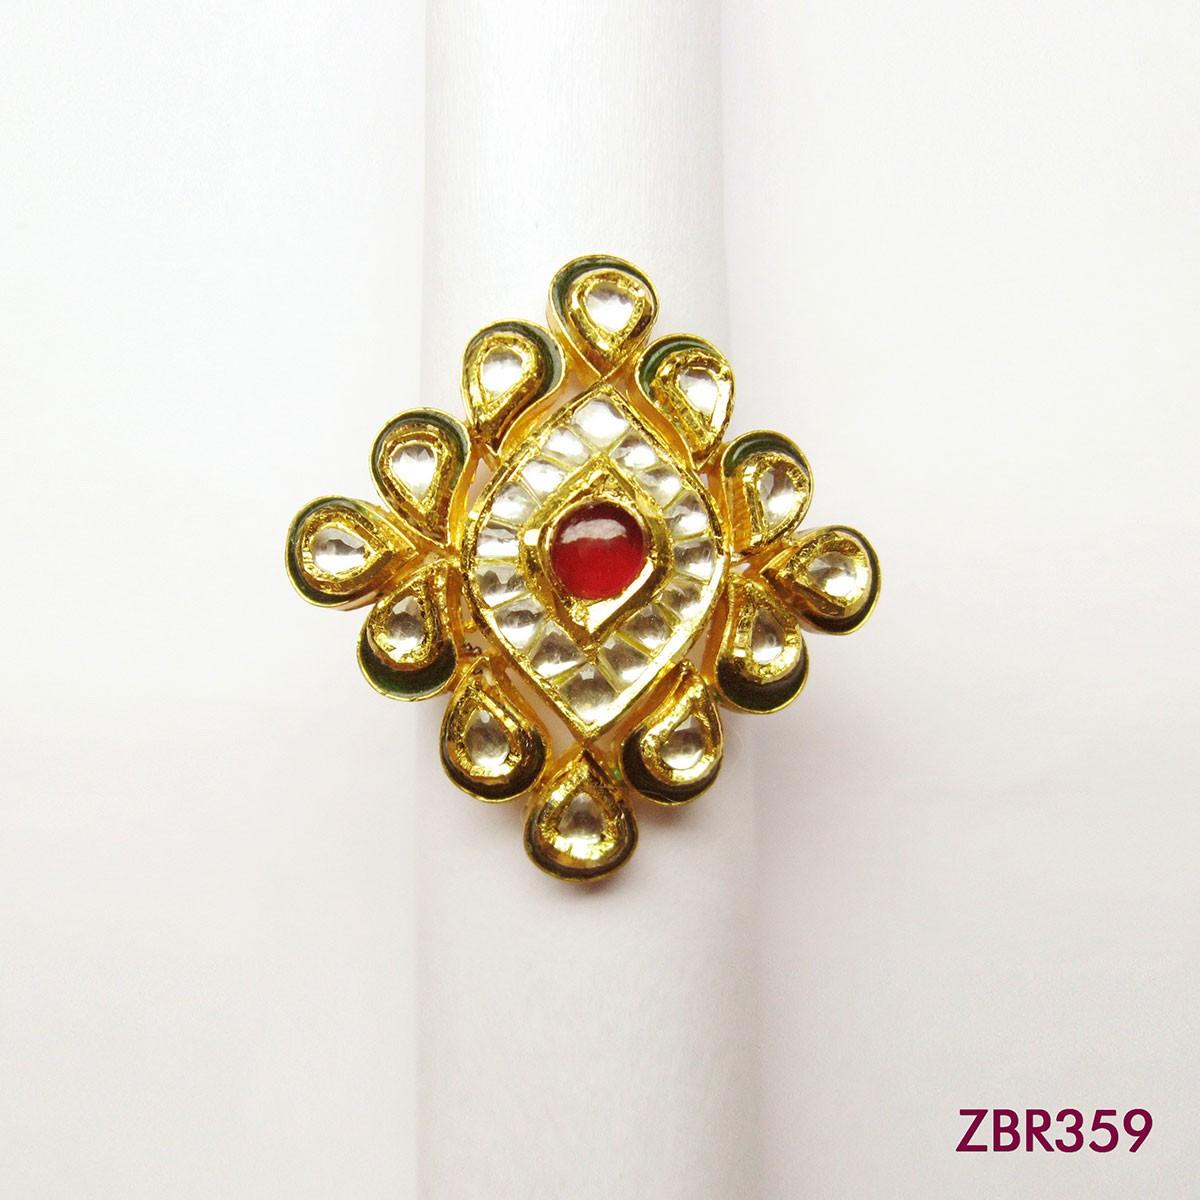 ZBR359